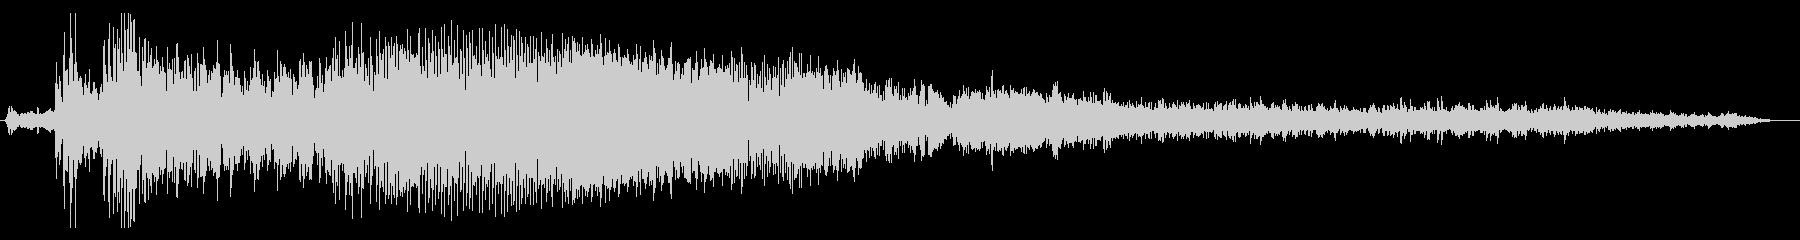 1917ダッジ:Ext:スタート、...の未再生の波形